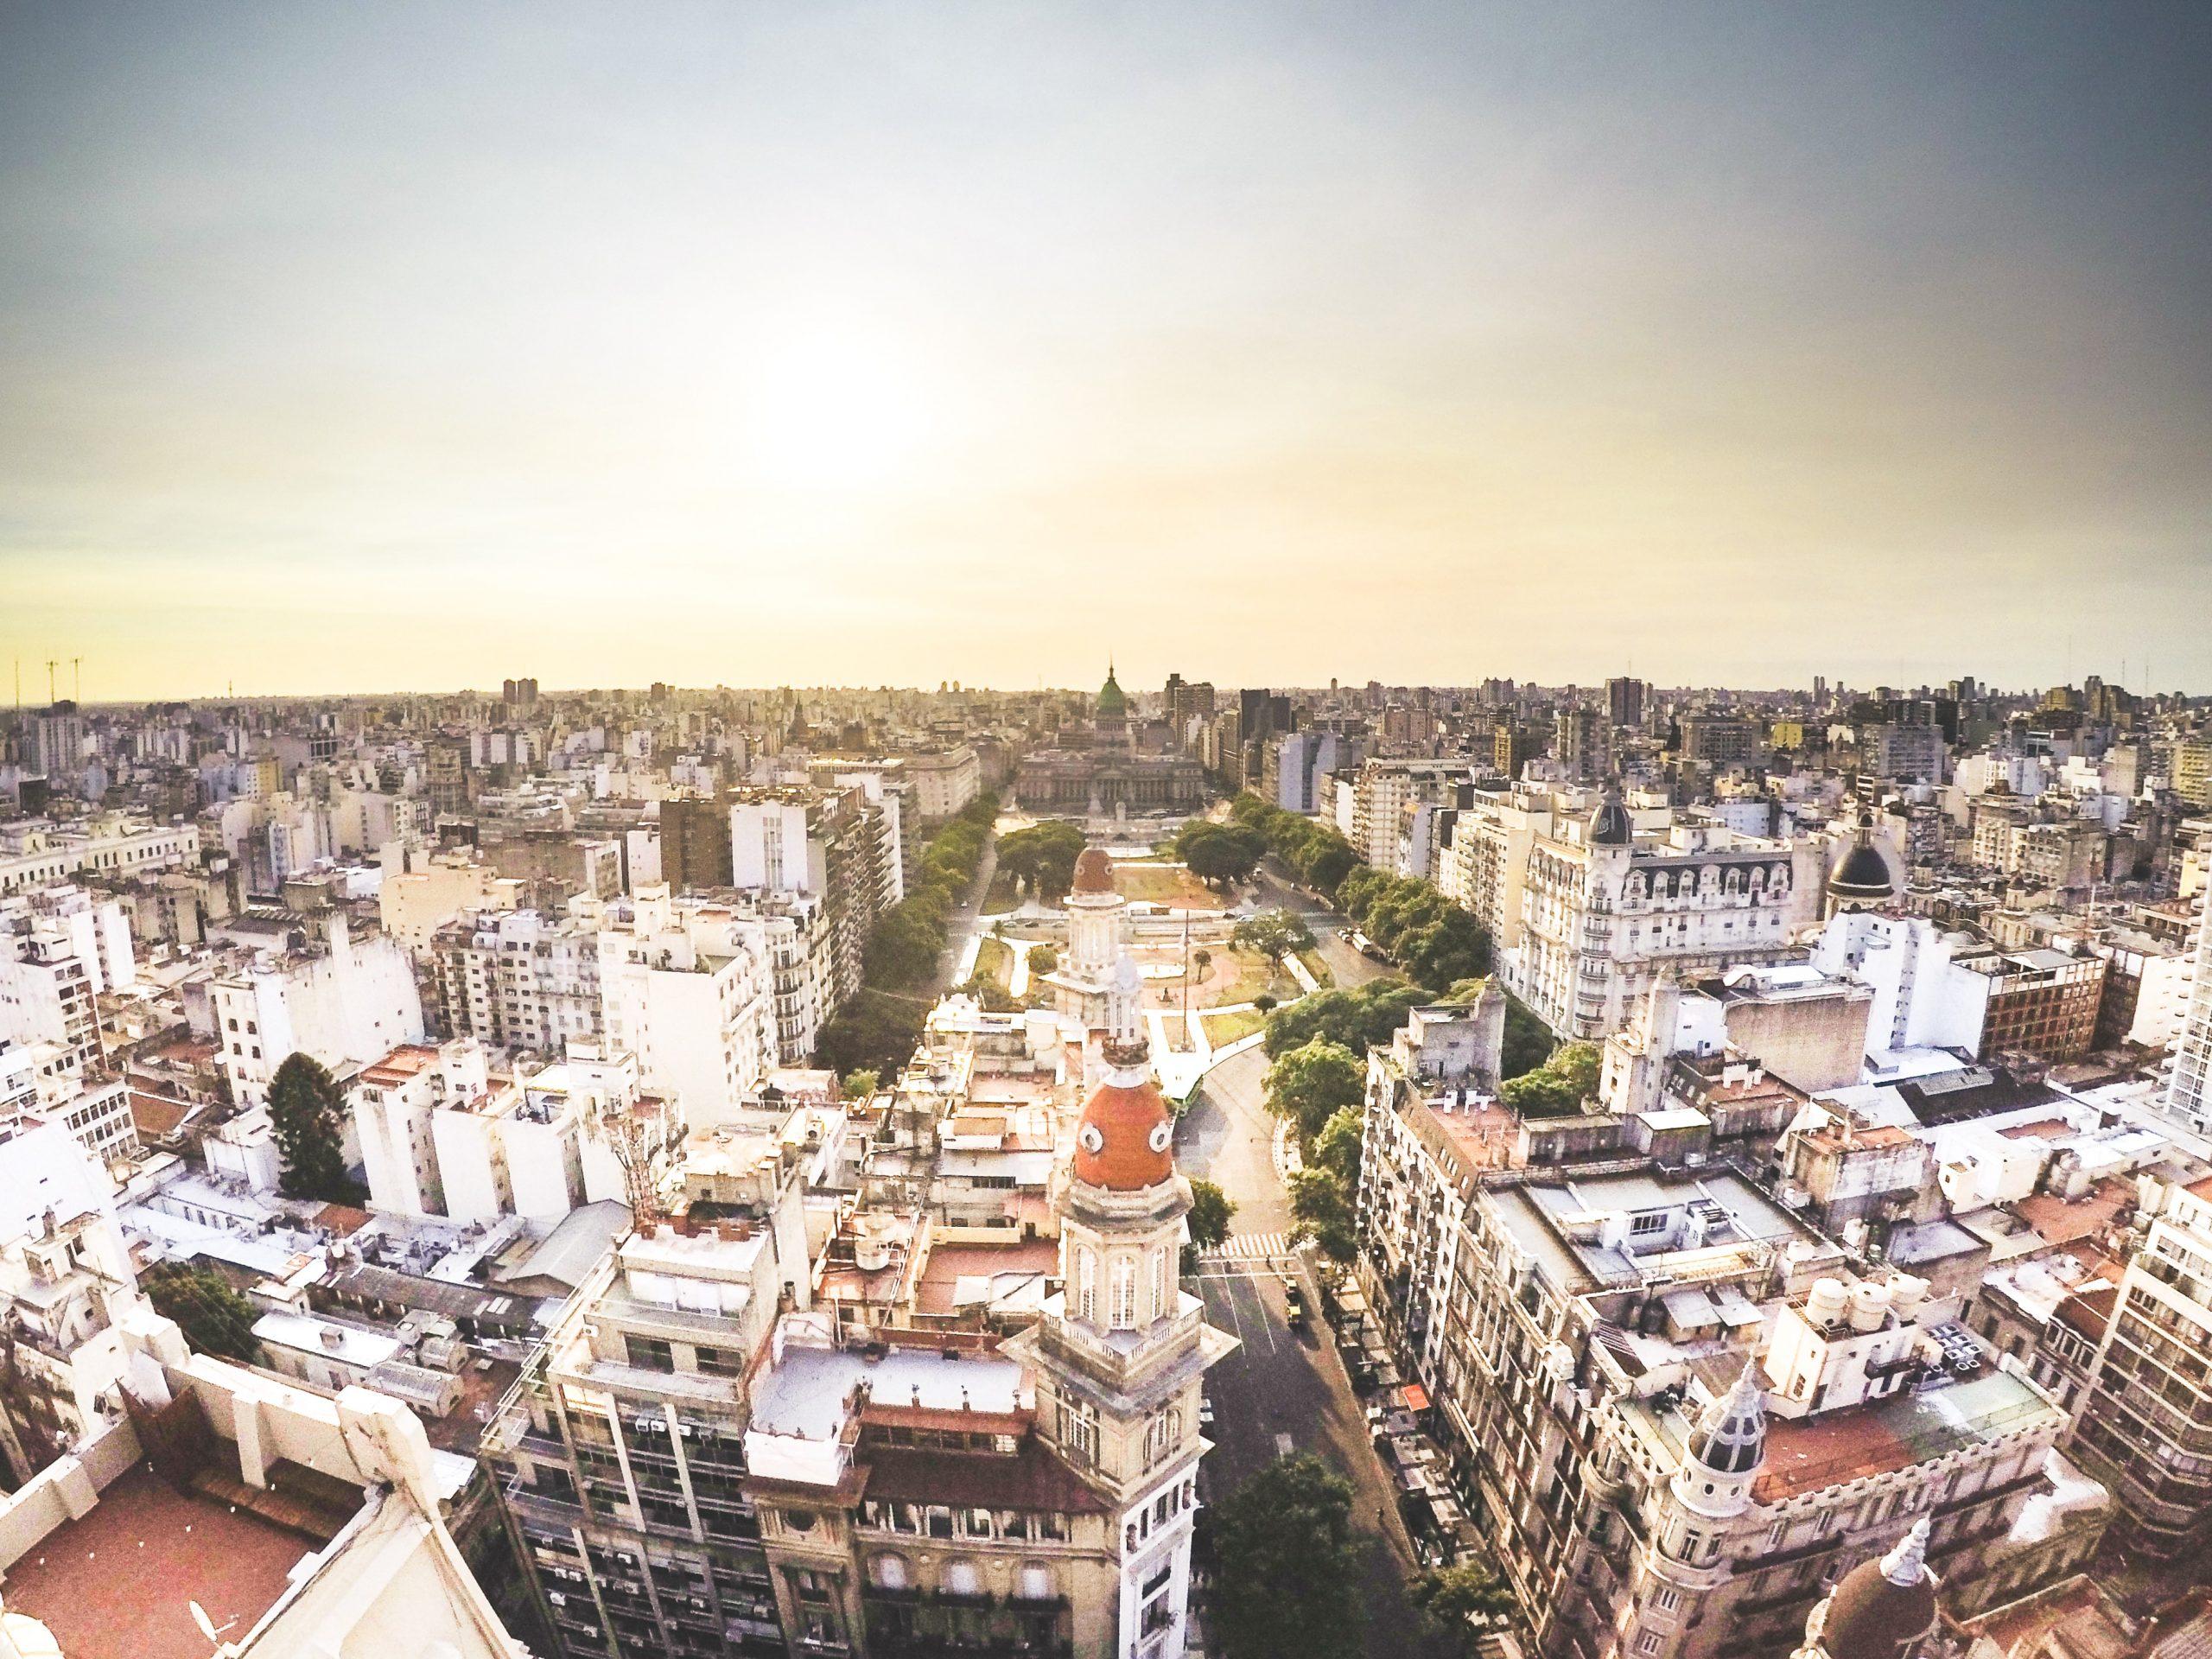 Governos locais e instituições financeiras se conectam em prol do desenvolvimento sustentável